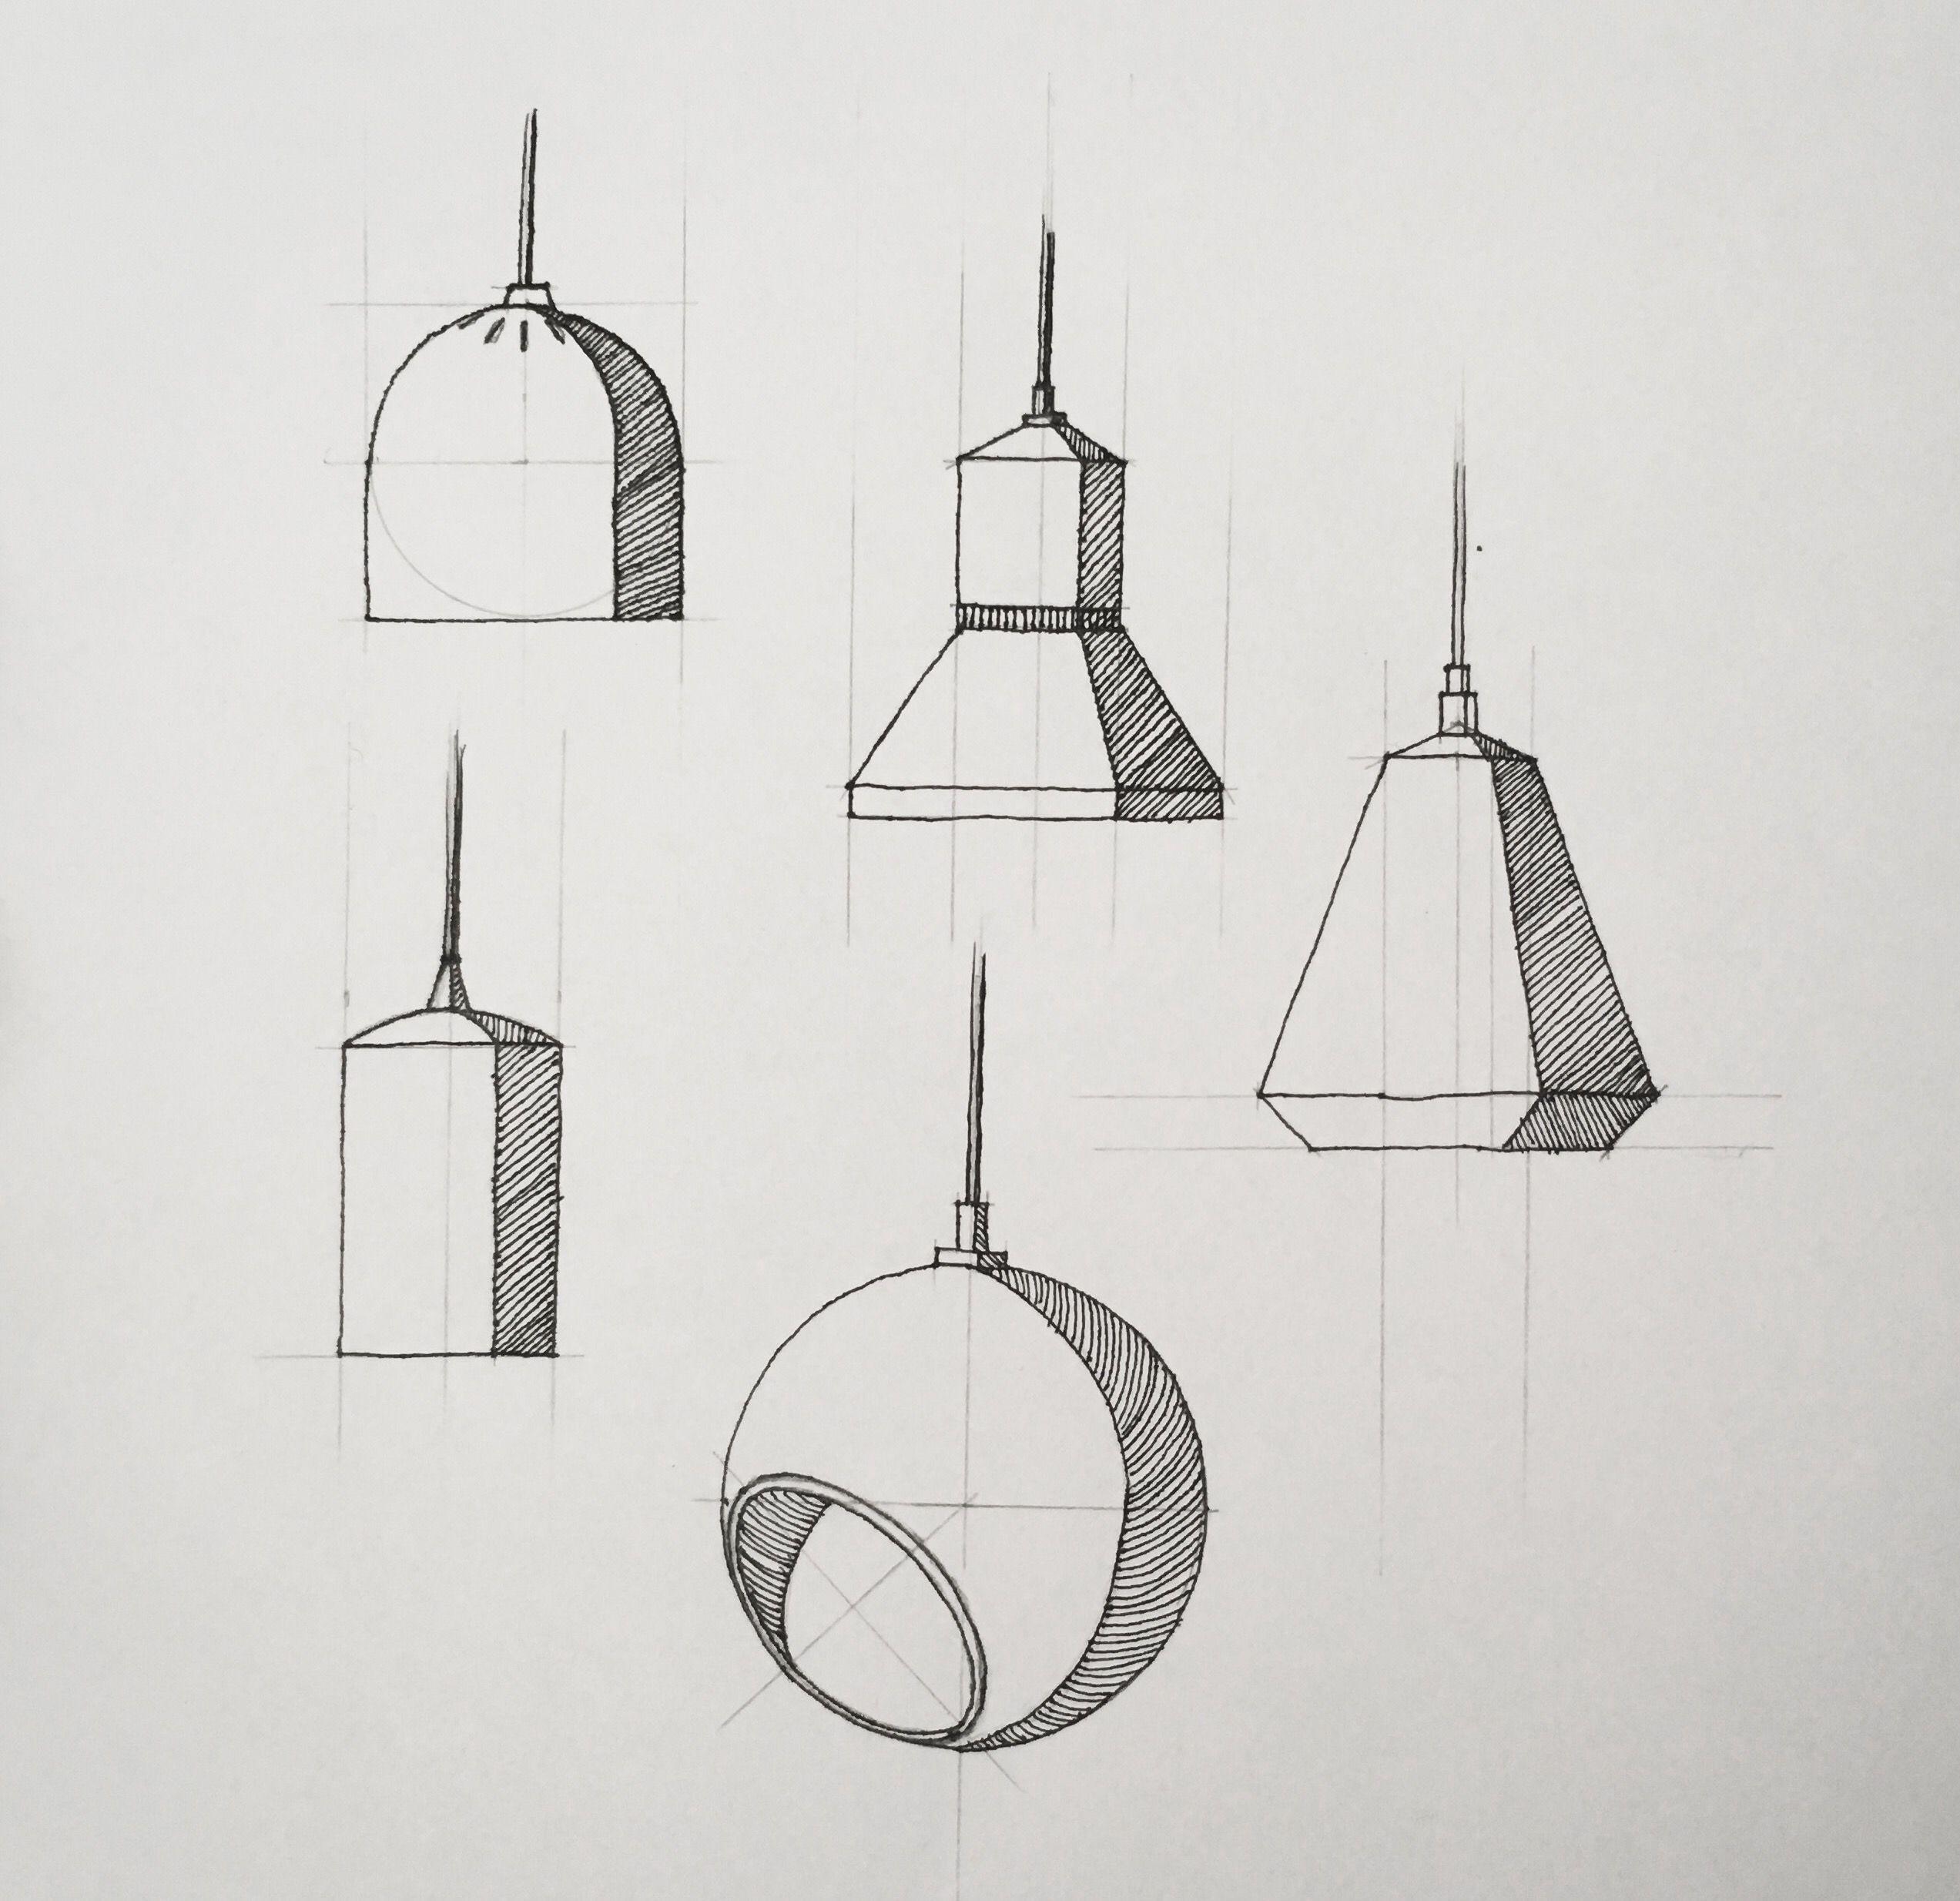 Caner Sonmez Canersdesign Industrial Design Sketch Work Caner Canersdesign Design Industrial In 2020 Design Sketch Industrial Design Sketch Industrial Lamp Design